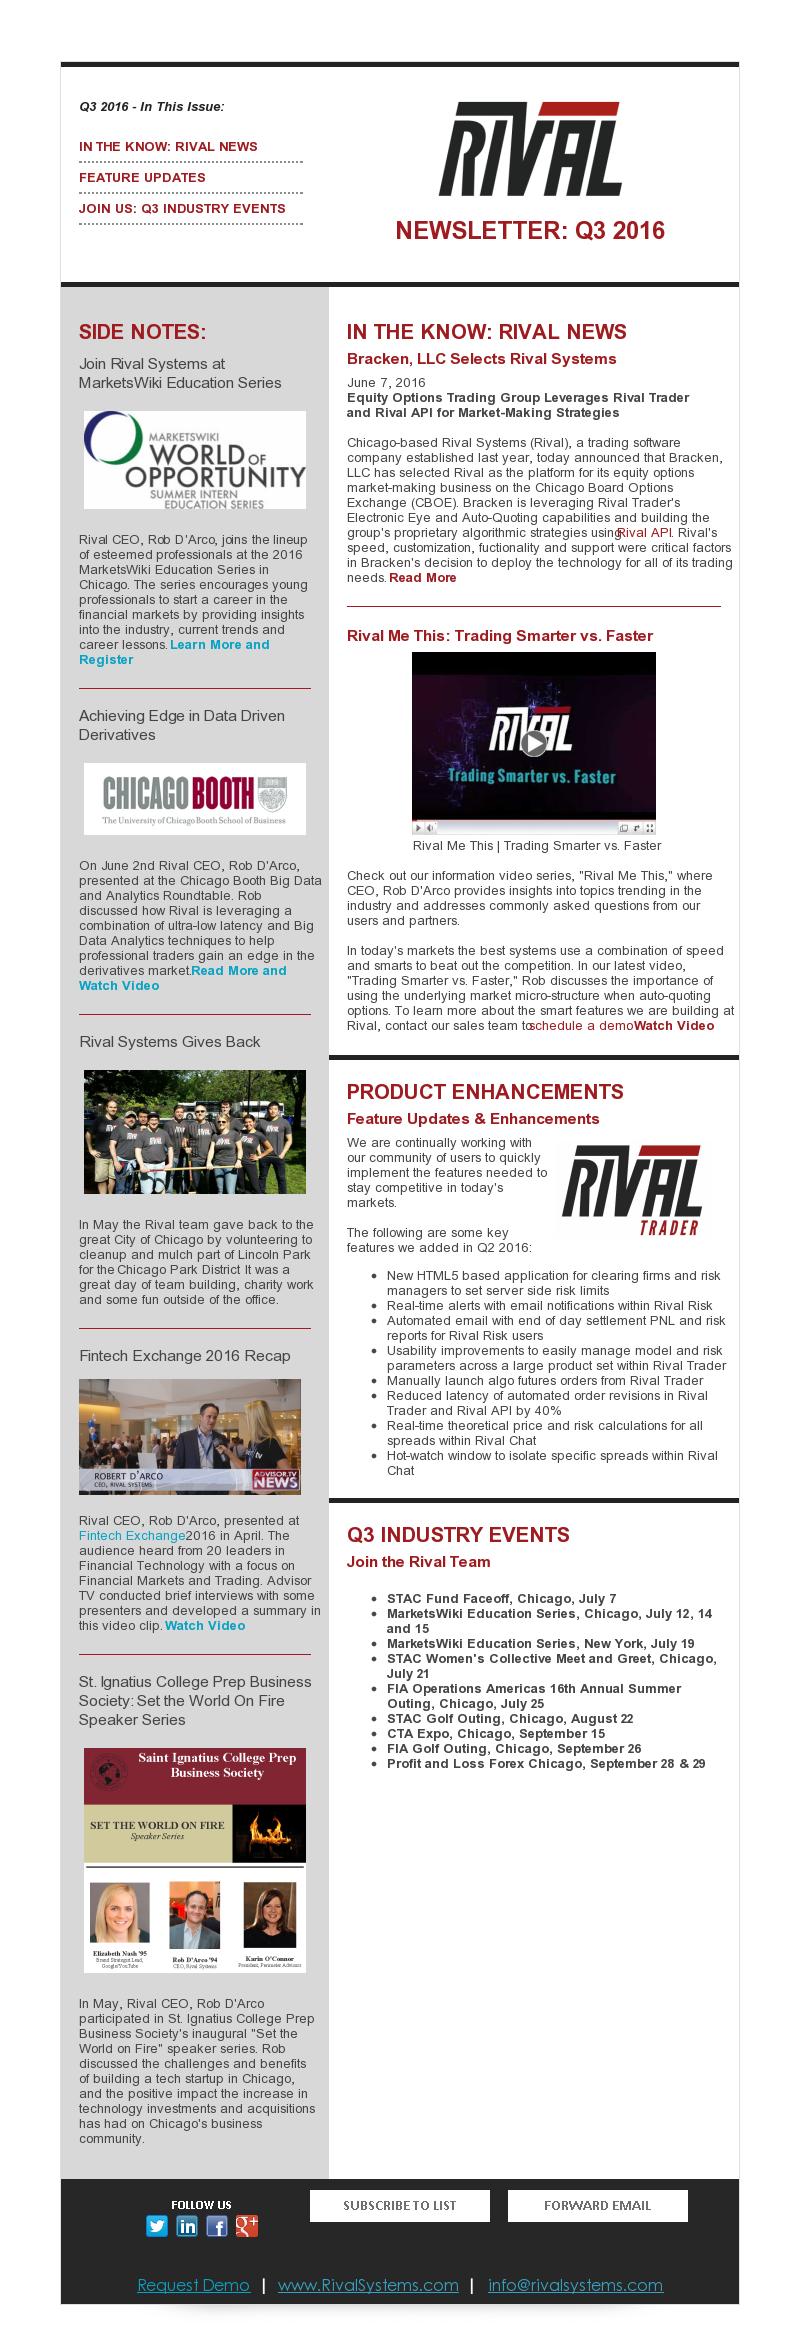 Rival Newsletter Q3 2016